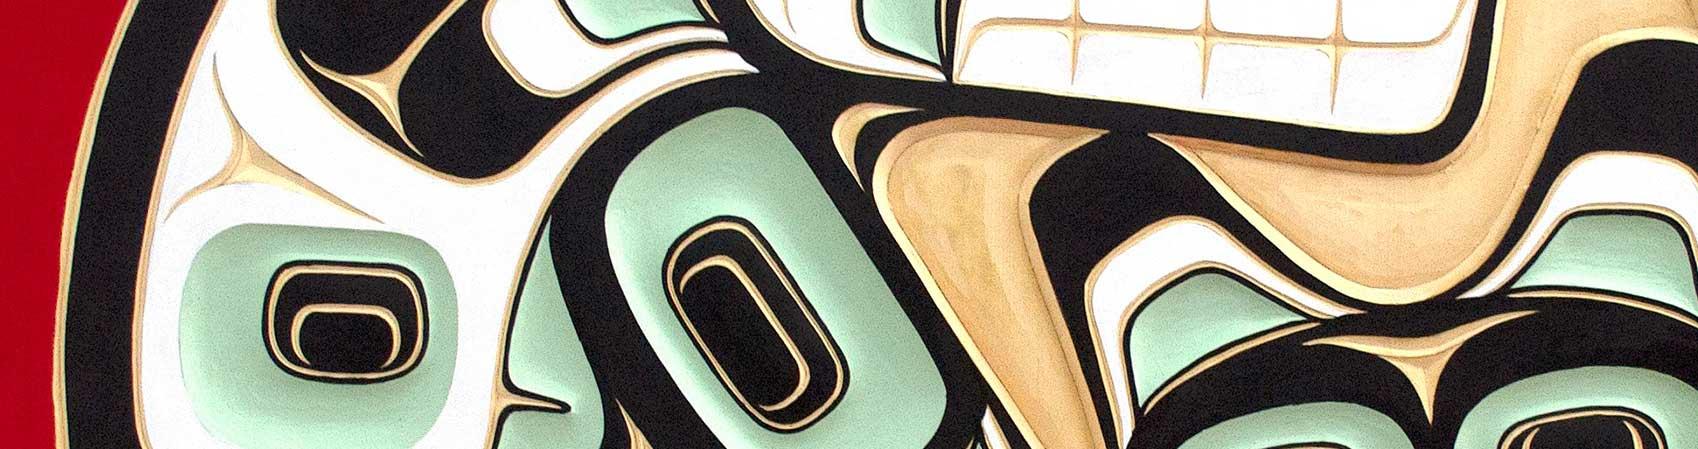 BC Achievement First Nations Art Award 2021